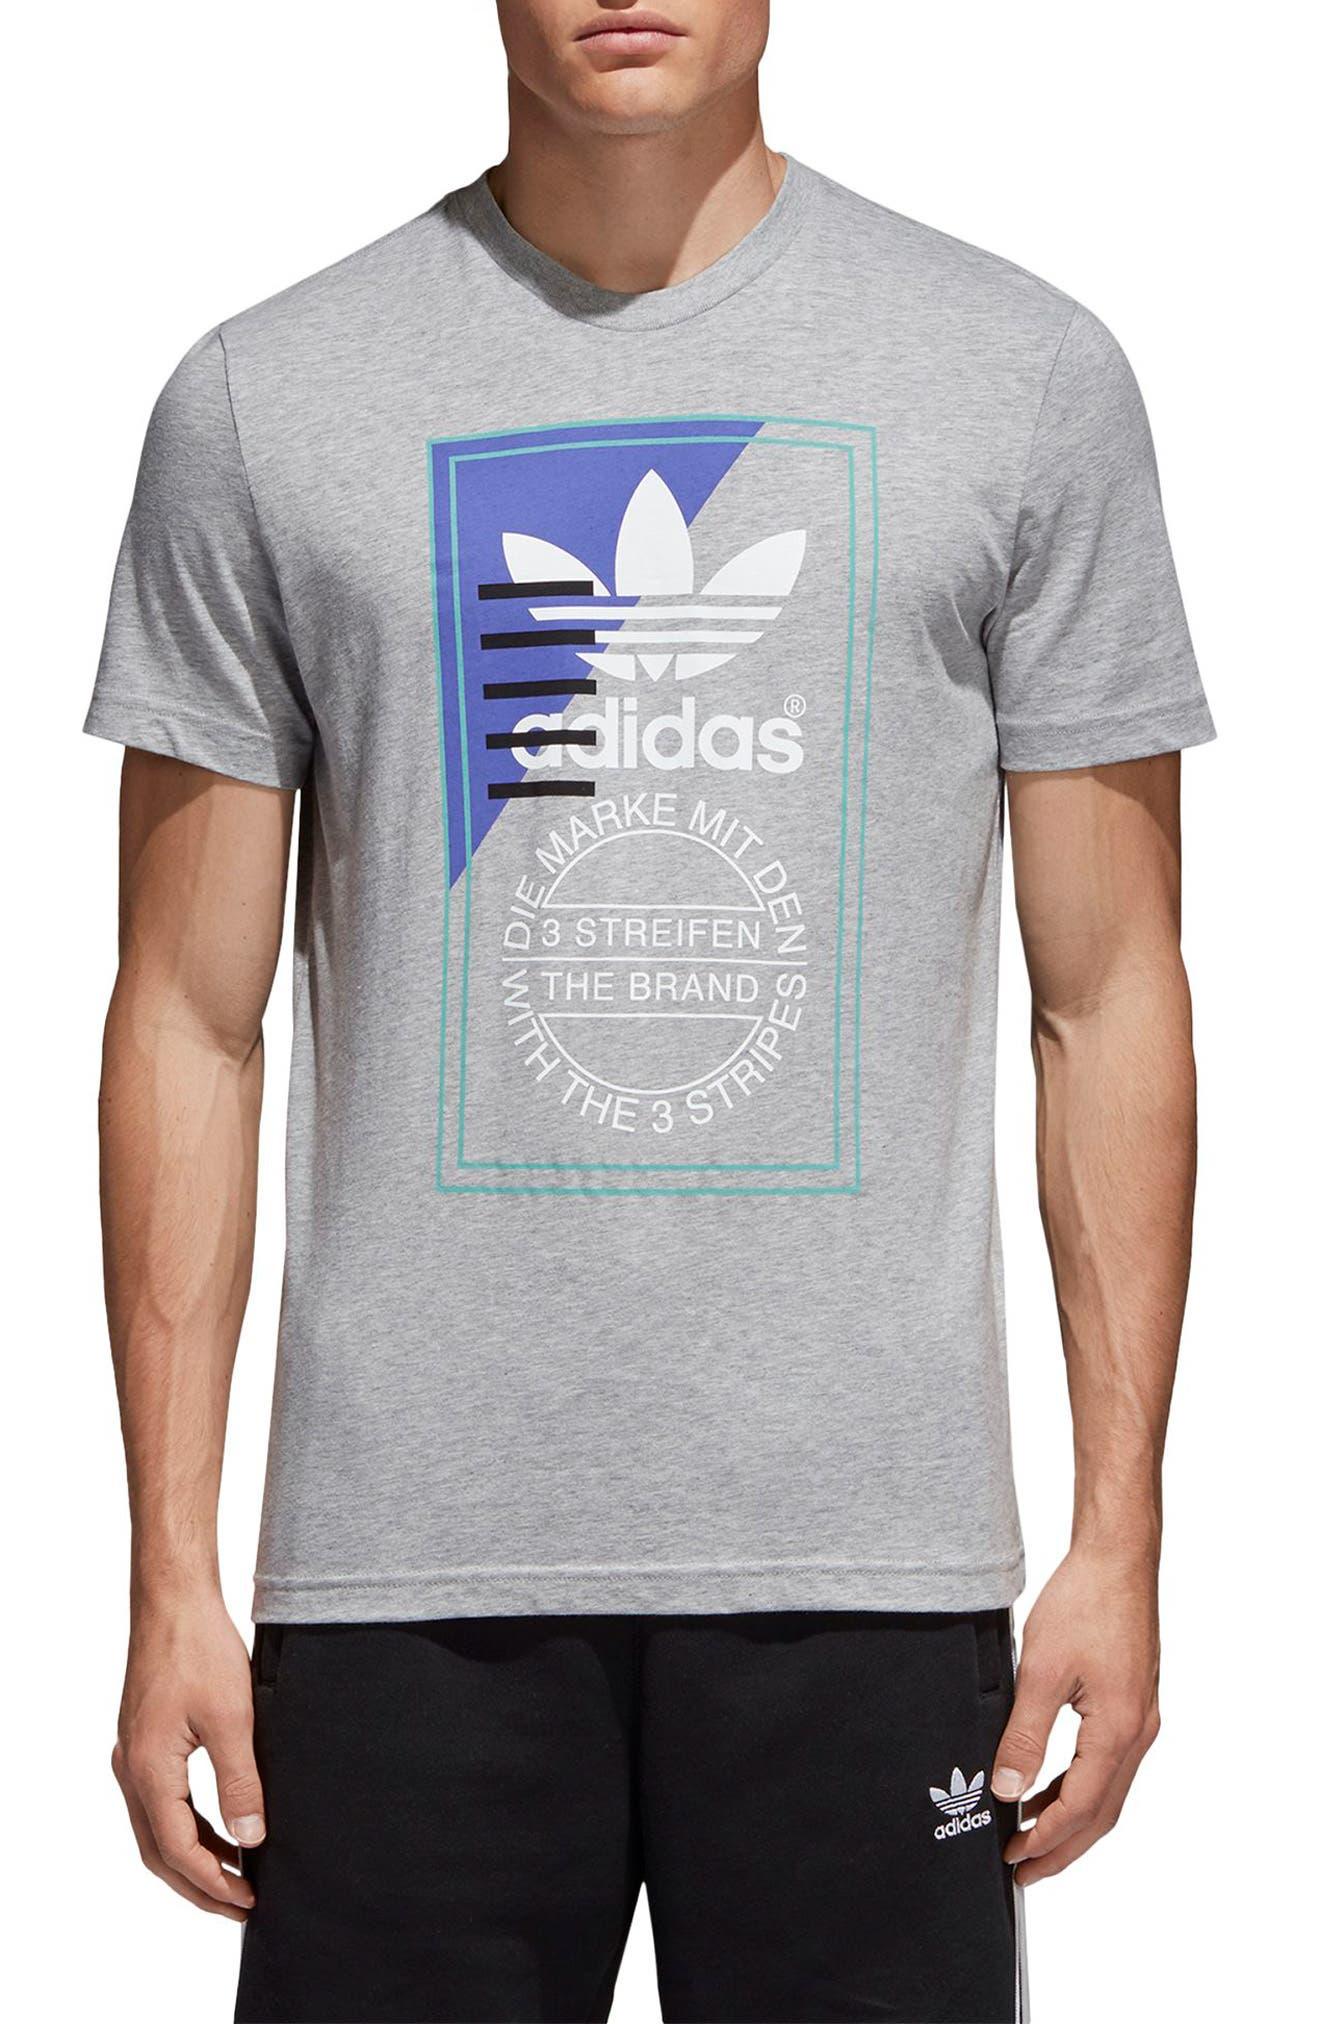 Gli Uomini È Adidas Originali T Shirt Vestiti, Scarpe E Accessori Di Vendita